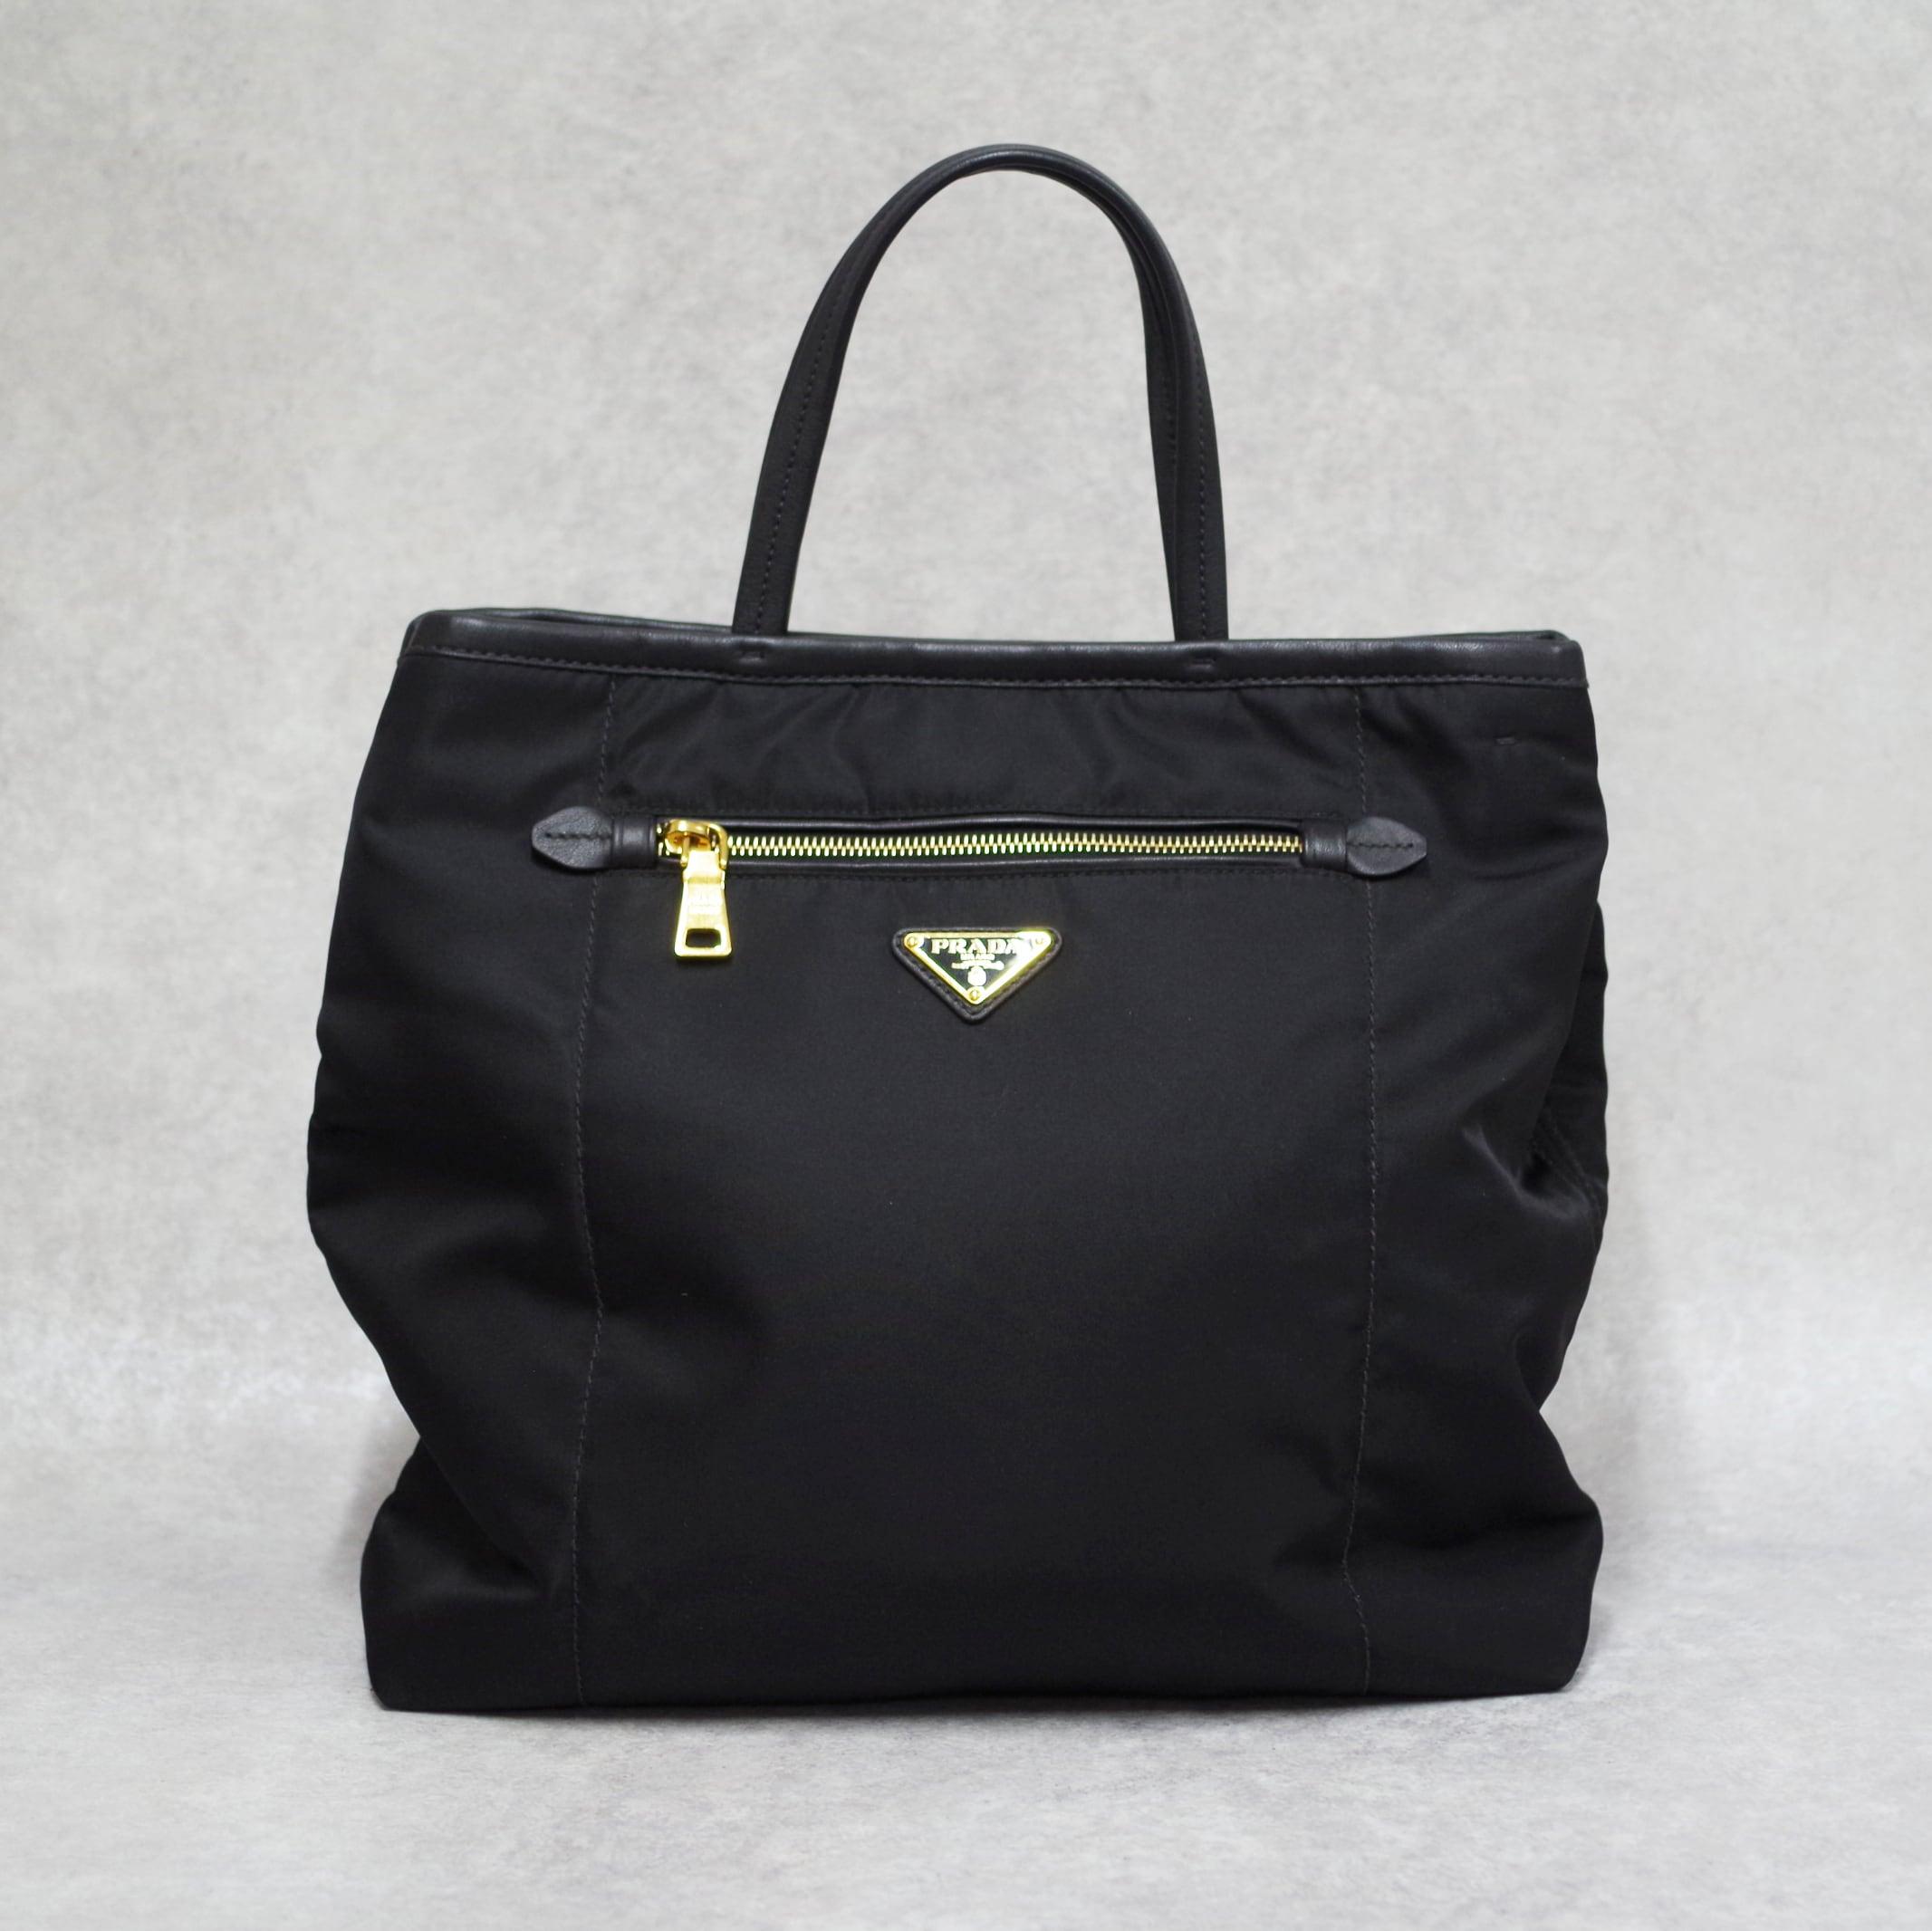 【 Reserved items 】PRADA プラダ BN2282 ナイロントートバッグ ブラック